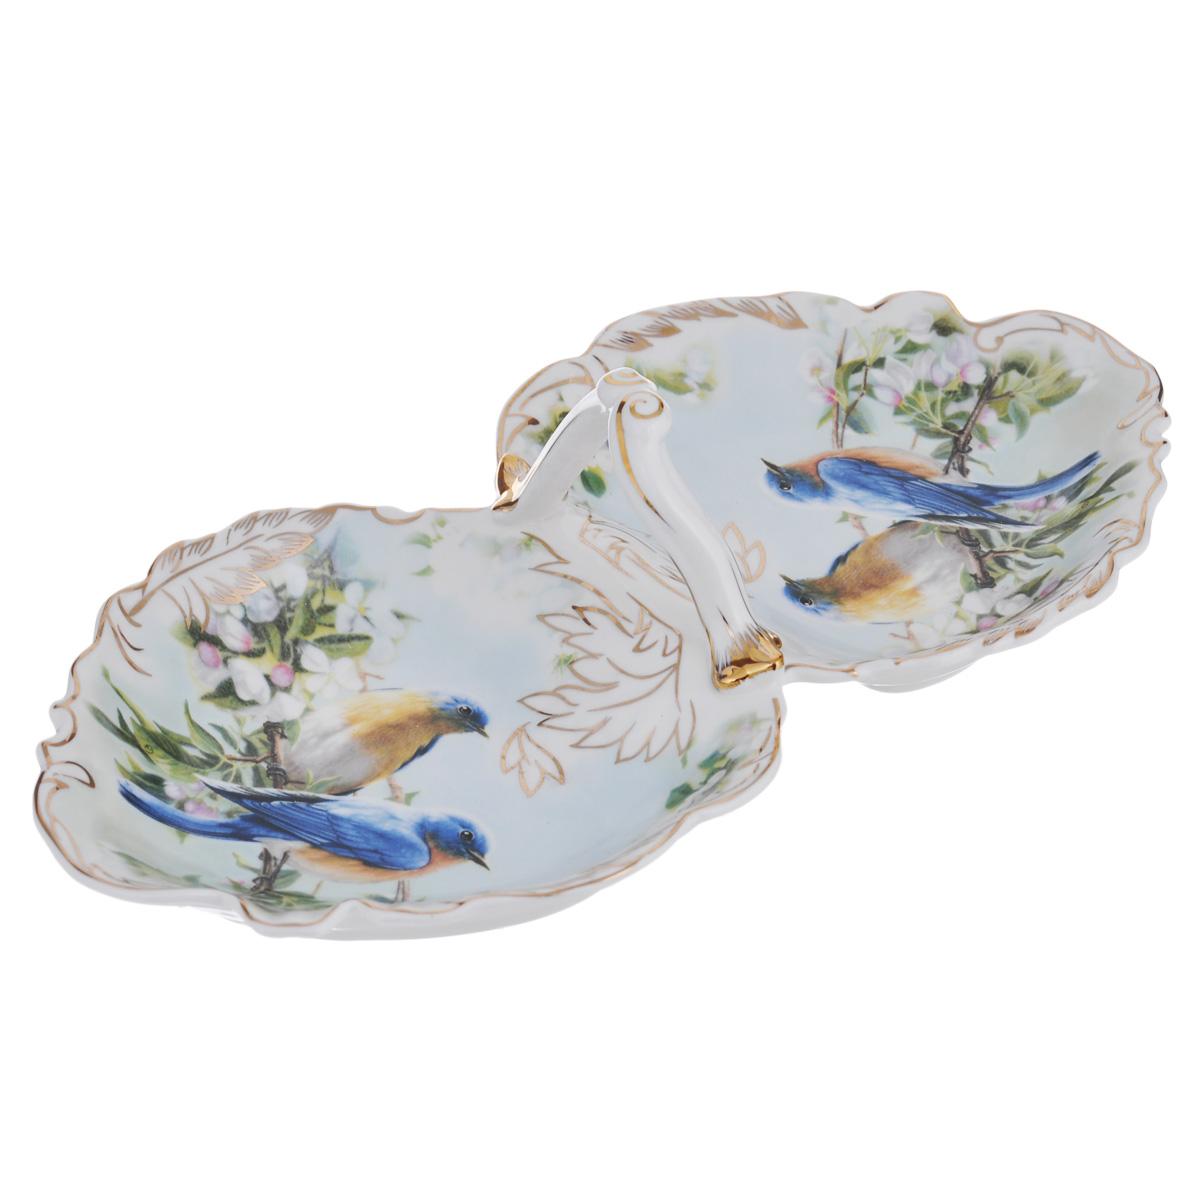 Менажница Lillo Клэранс, 2 секции214037Изящная менажница Lillo Клэранс, выполненная из керамики, состоит из двух секций. Изделие декорировано красочным изображением птиц и золотистой эмалью. Менажница оснащена удобной ручкой. Некоторые блюда можно подавать только в менажнице, чтобы не произошло смешение вкусовых оттенков гарниров. Также менажница может быть использована в качестве посуды для нескольких видов салатов или закусок. Менажница Lillo Клэранс станет замечательной деталью сервировки и великолепным украшением праздничного стола. Не рекомендуется использовать в посудомоечной машине и микроволновой печи.